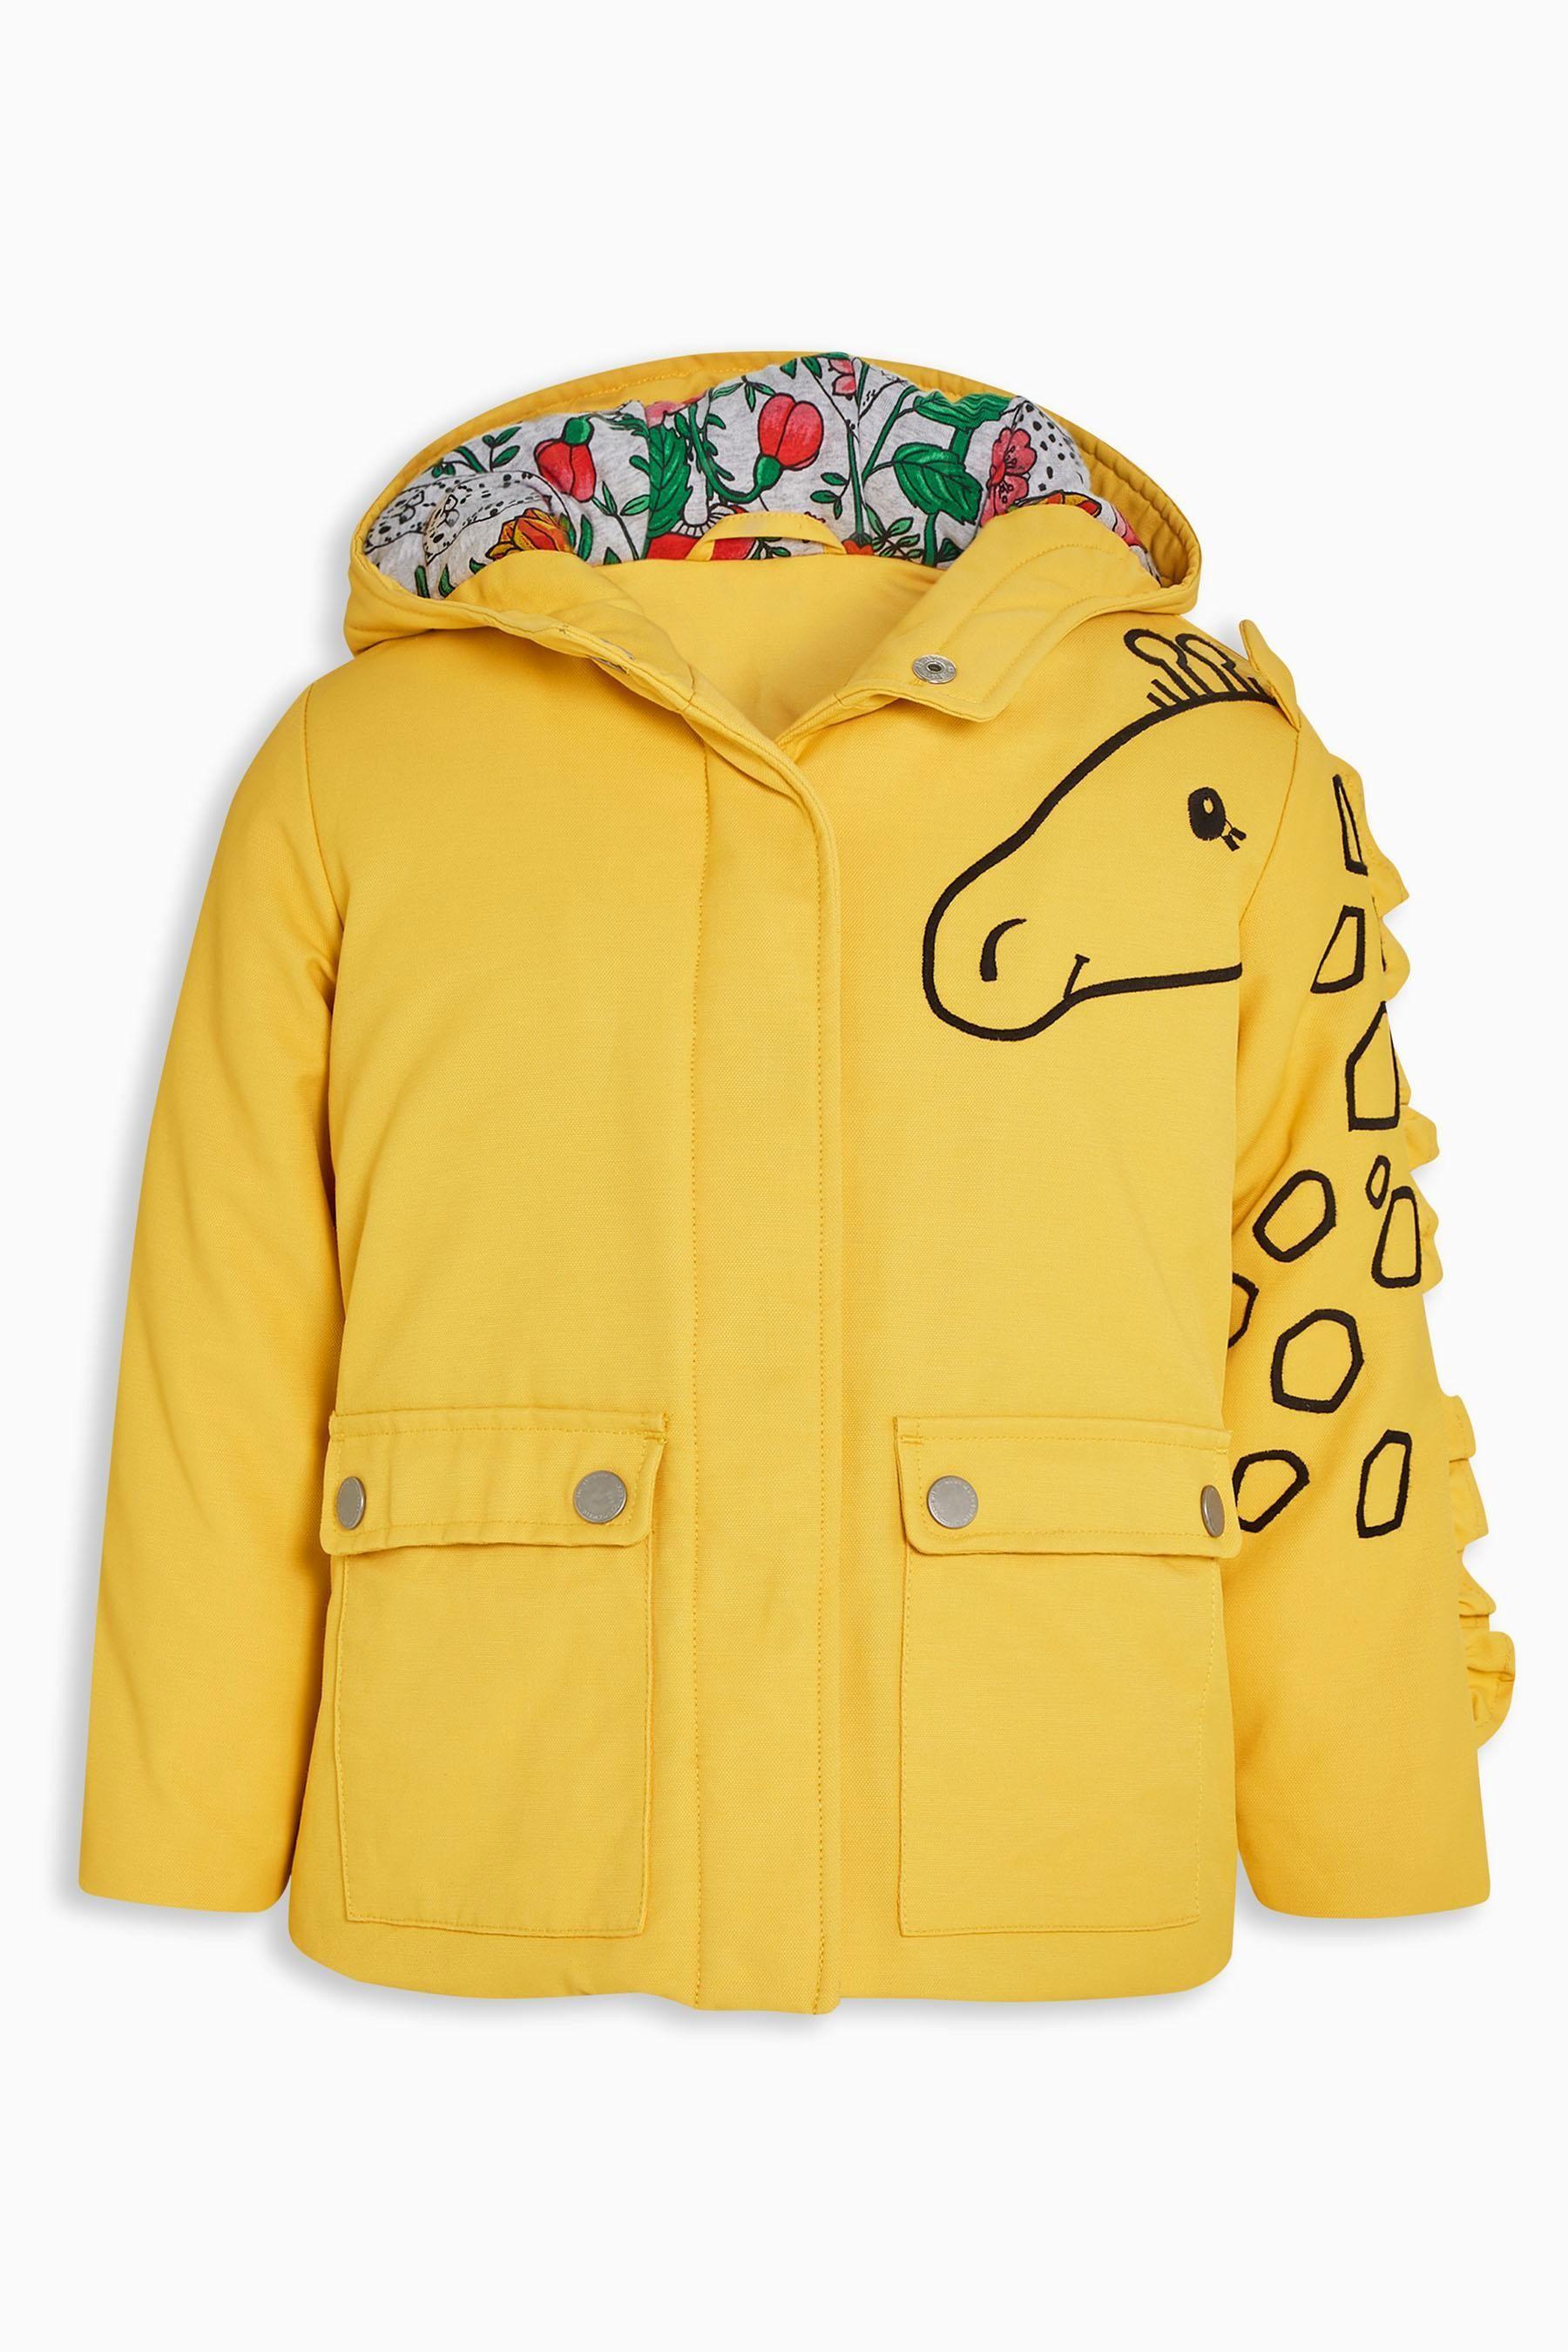 5a79816d1846 Buy Giraffe Jacket (3mths-6yrs) from the Next UK online shop